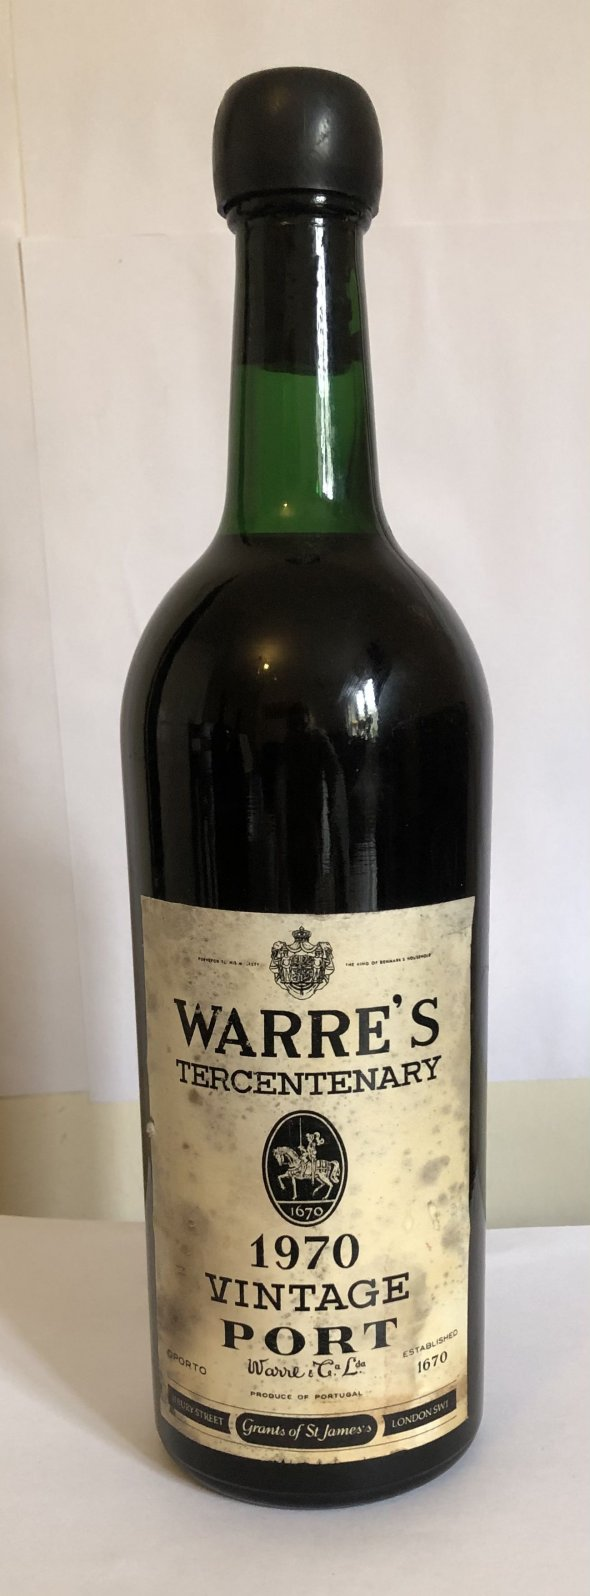 Warre's tercentenary 1970